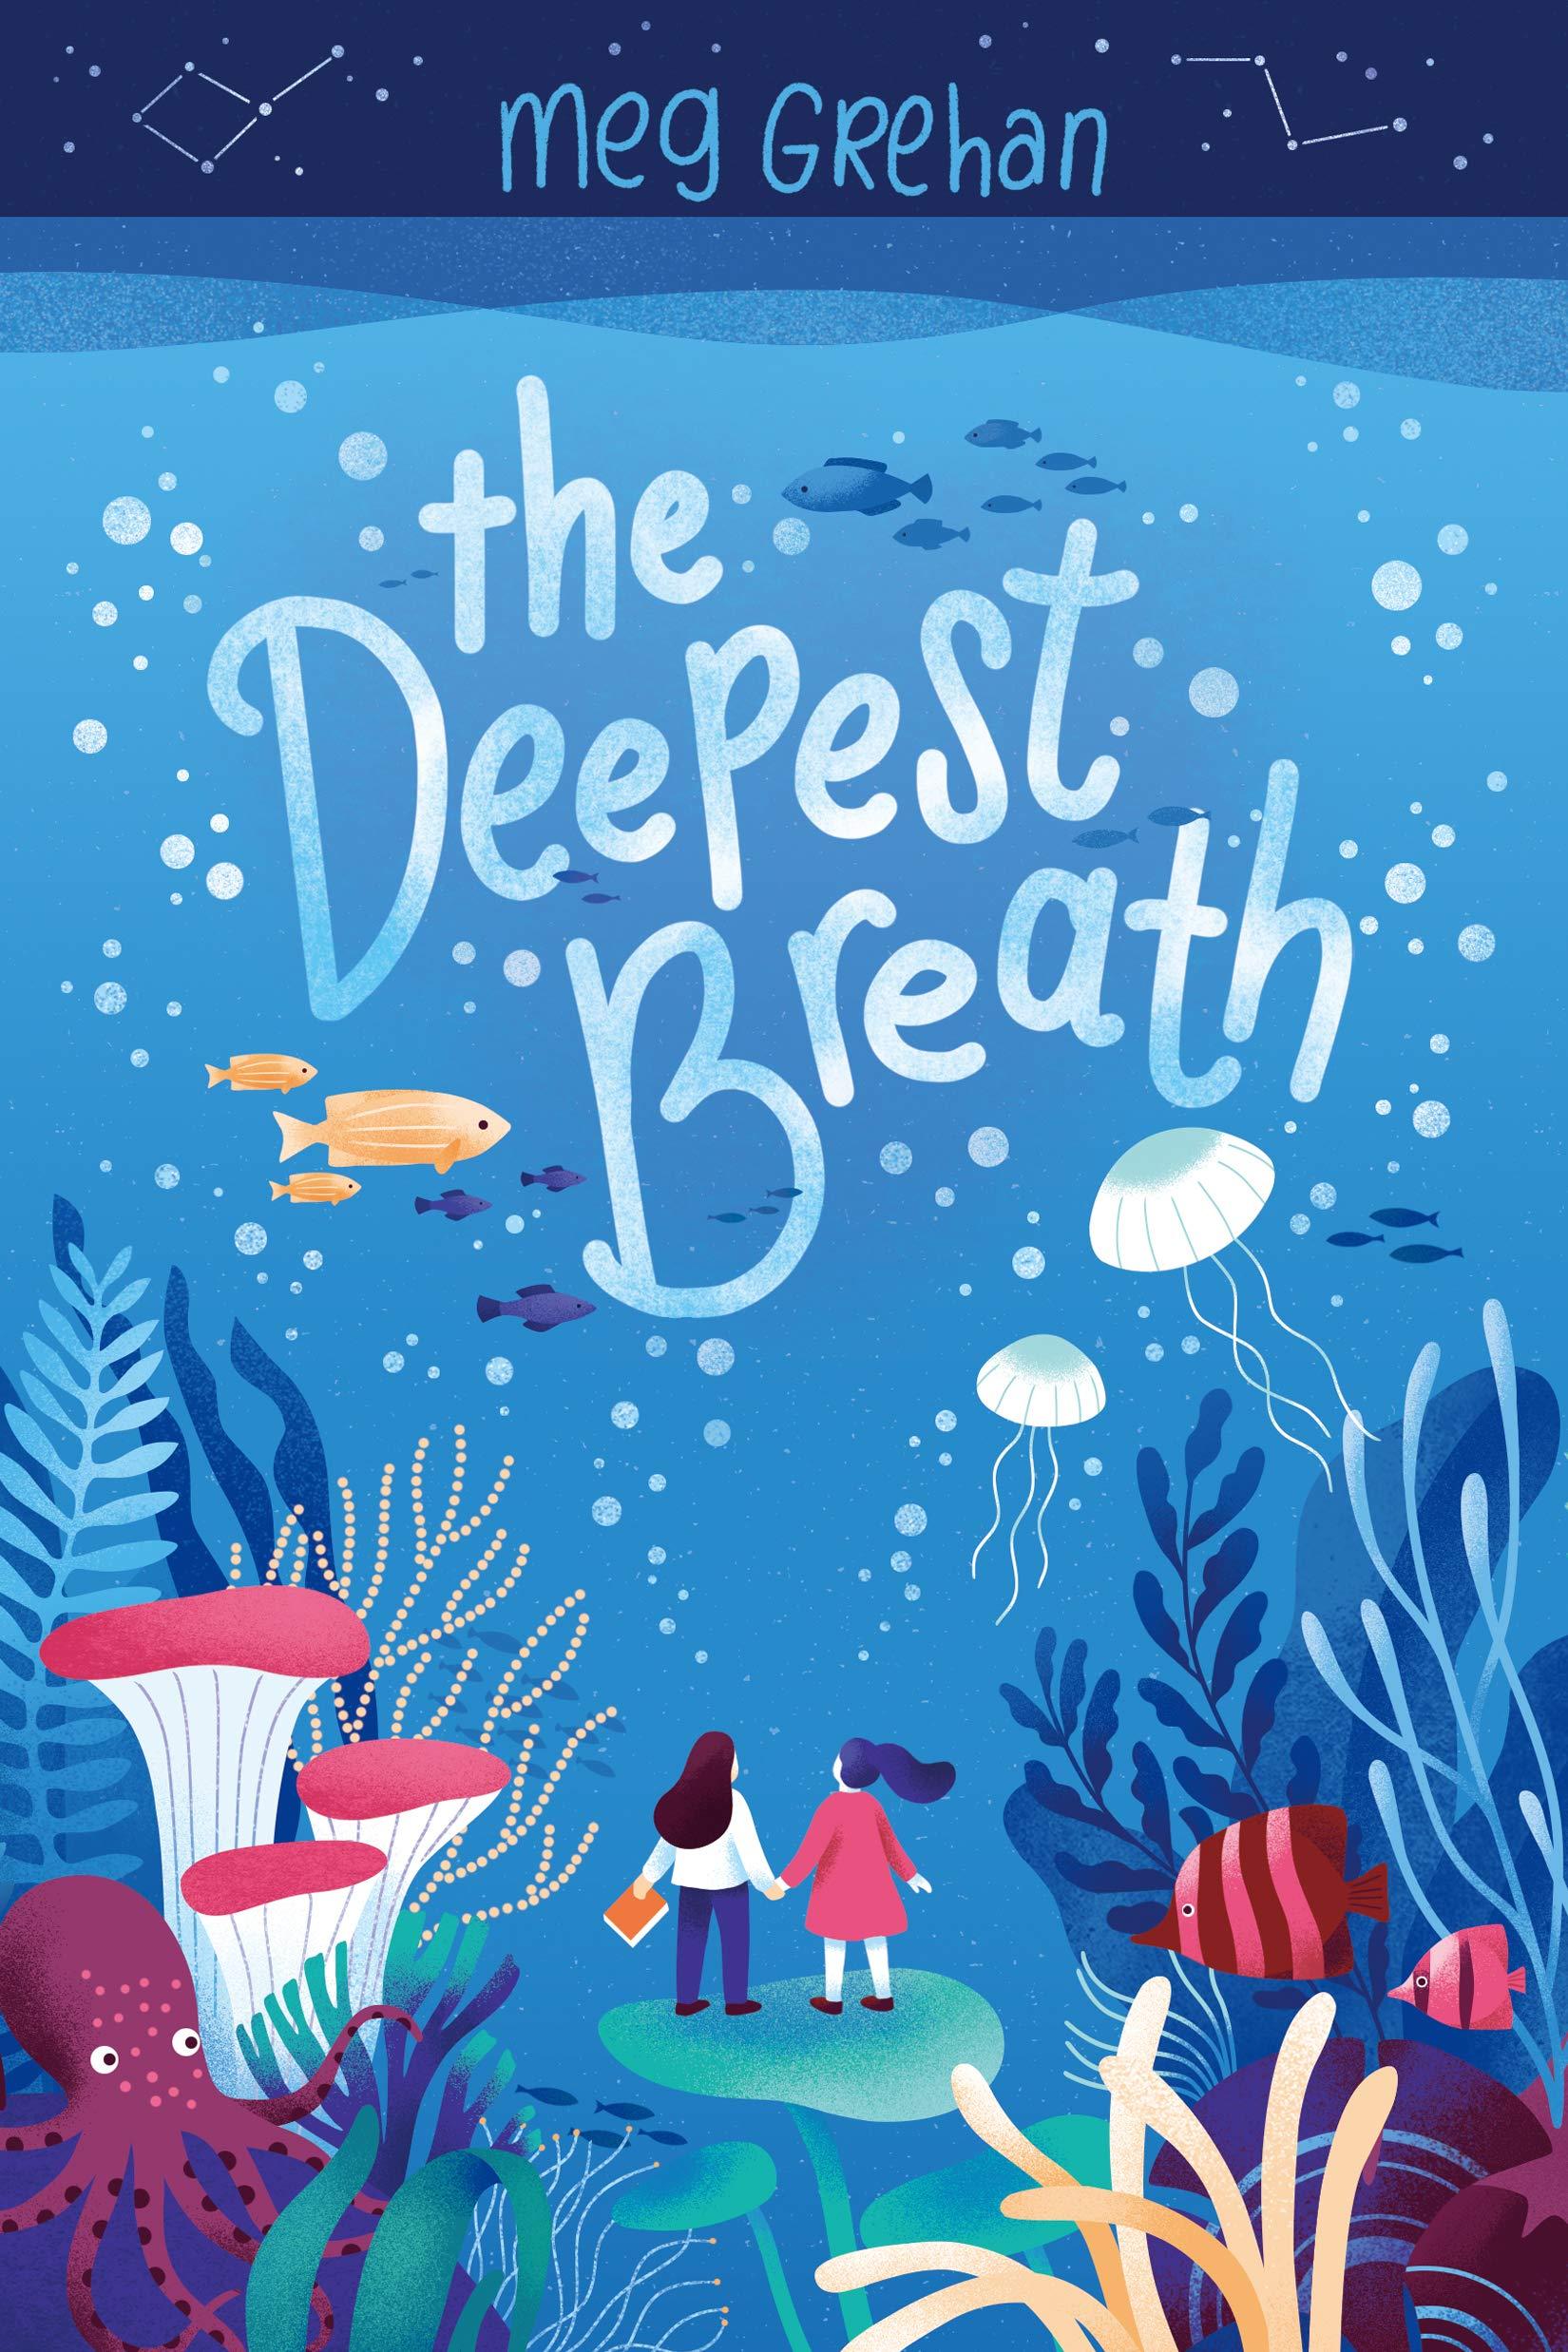 Amazon.com: The Deepest Breath (9780358354758): Grehan, Meg: Books